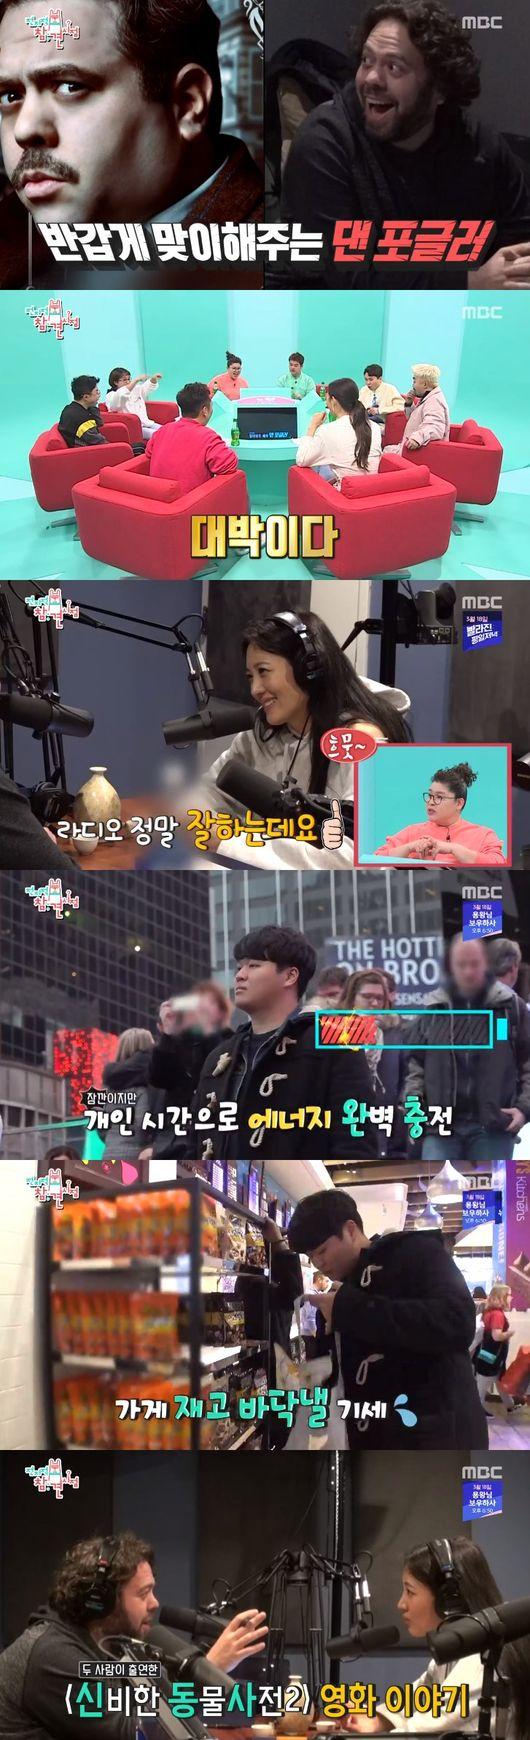 """""""매니저가 또 울리네""""...'전참시' 수현, 미국서도 통한 매니저 정성 [어저께TV]"""